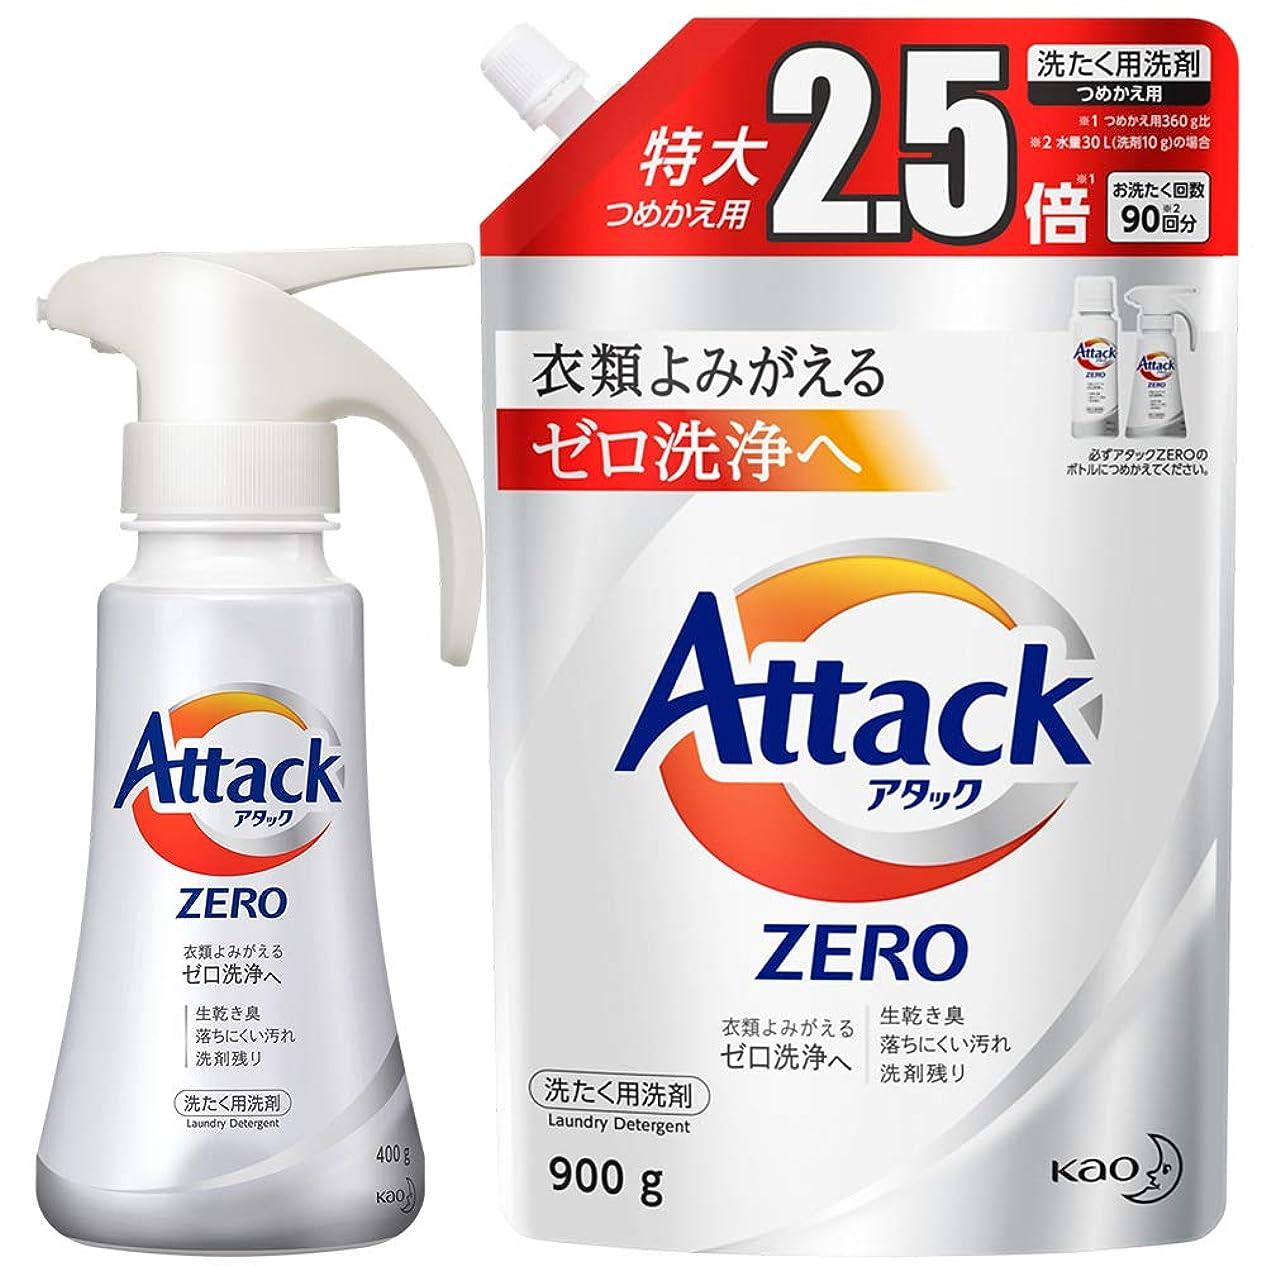 印をつけるフェンス鎖【Amazon.co.jp 限定】【まとめ買い】アタック ZERO(ゼロ) 洗濯洗剤 液体 ワンハンドプッシュ 本体400g + 詰め替え用900g (衣類よみがえる「ゼロ洗浄」へ)